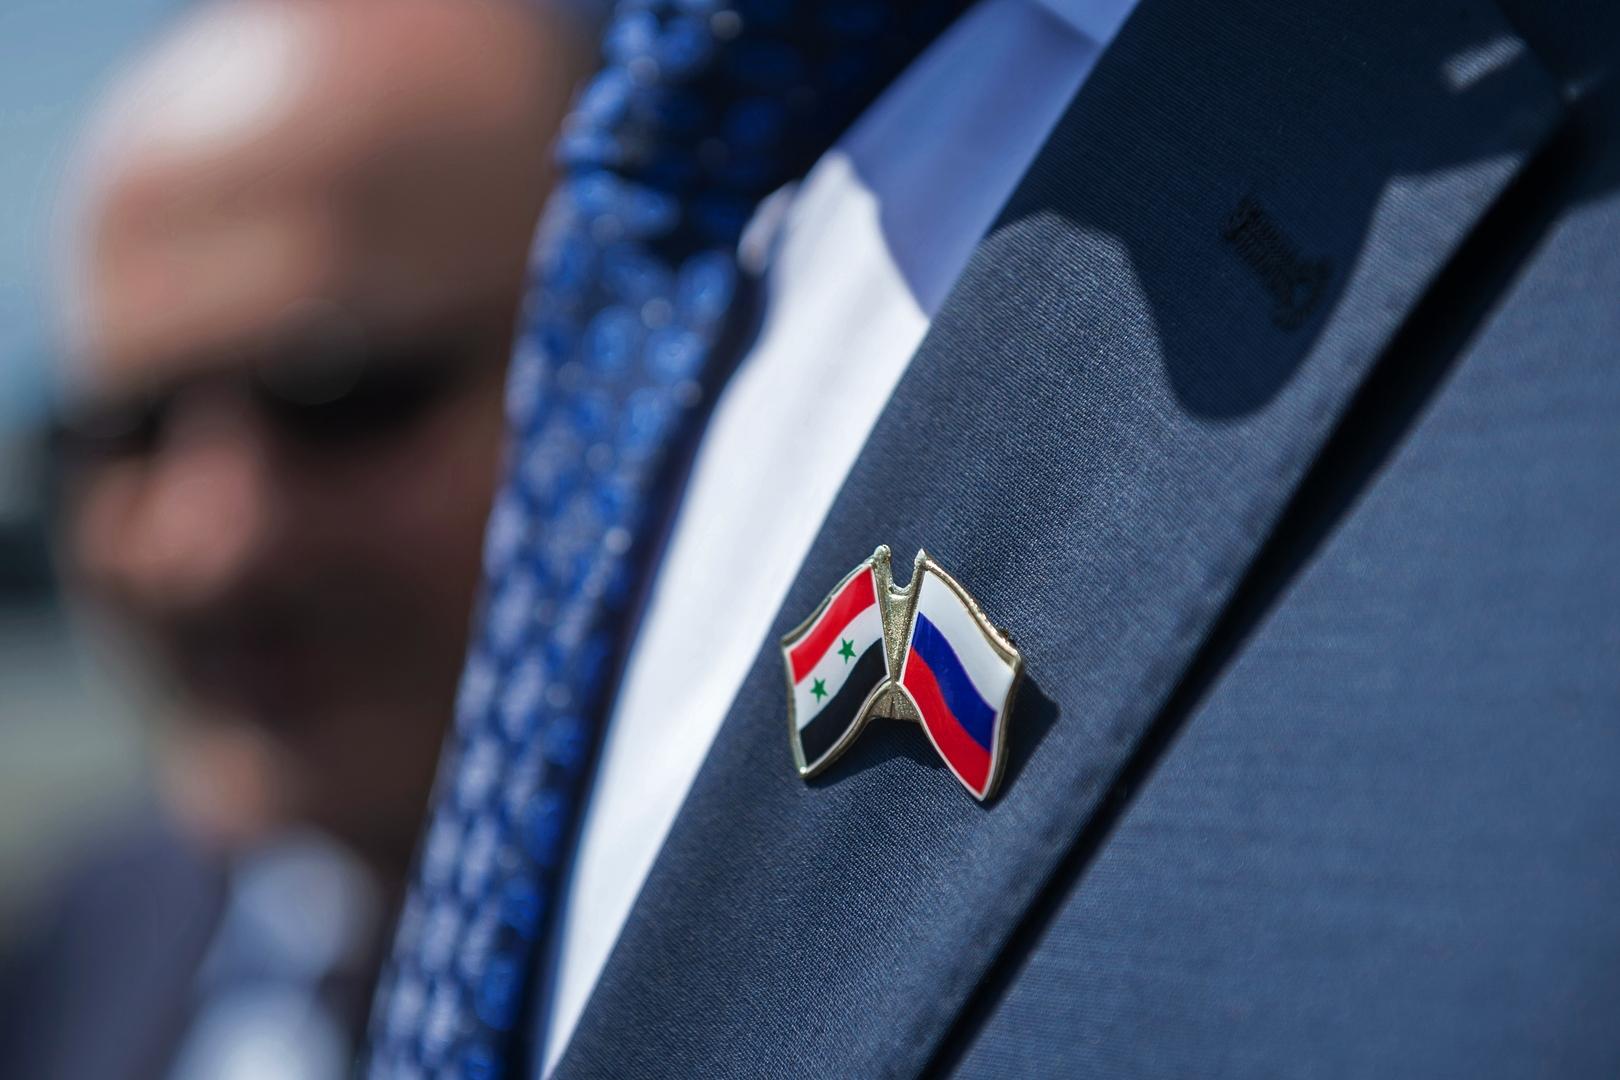 وزير الاقتصاد السوري: الميزان راجح باتجاه روسيا